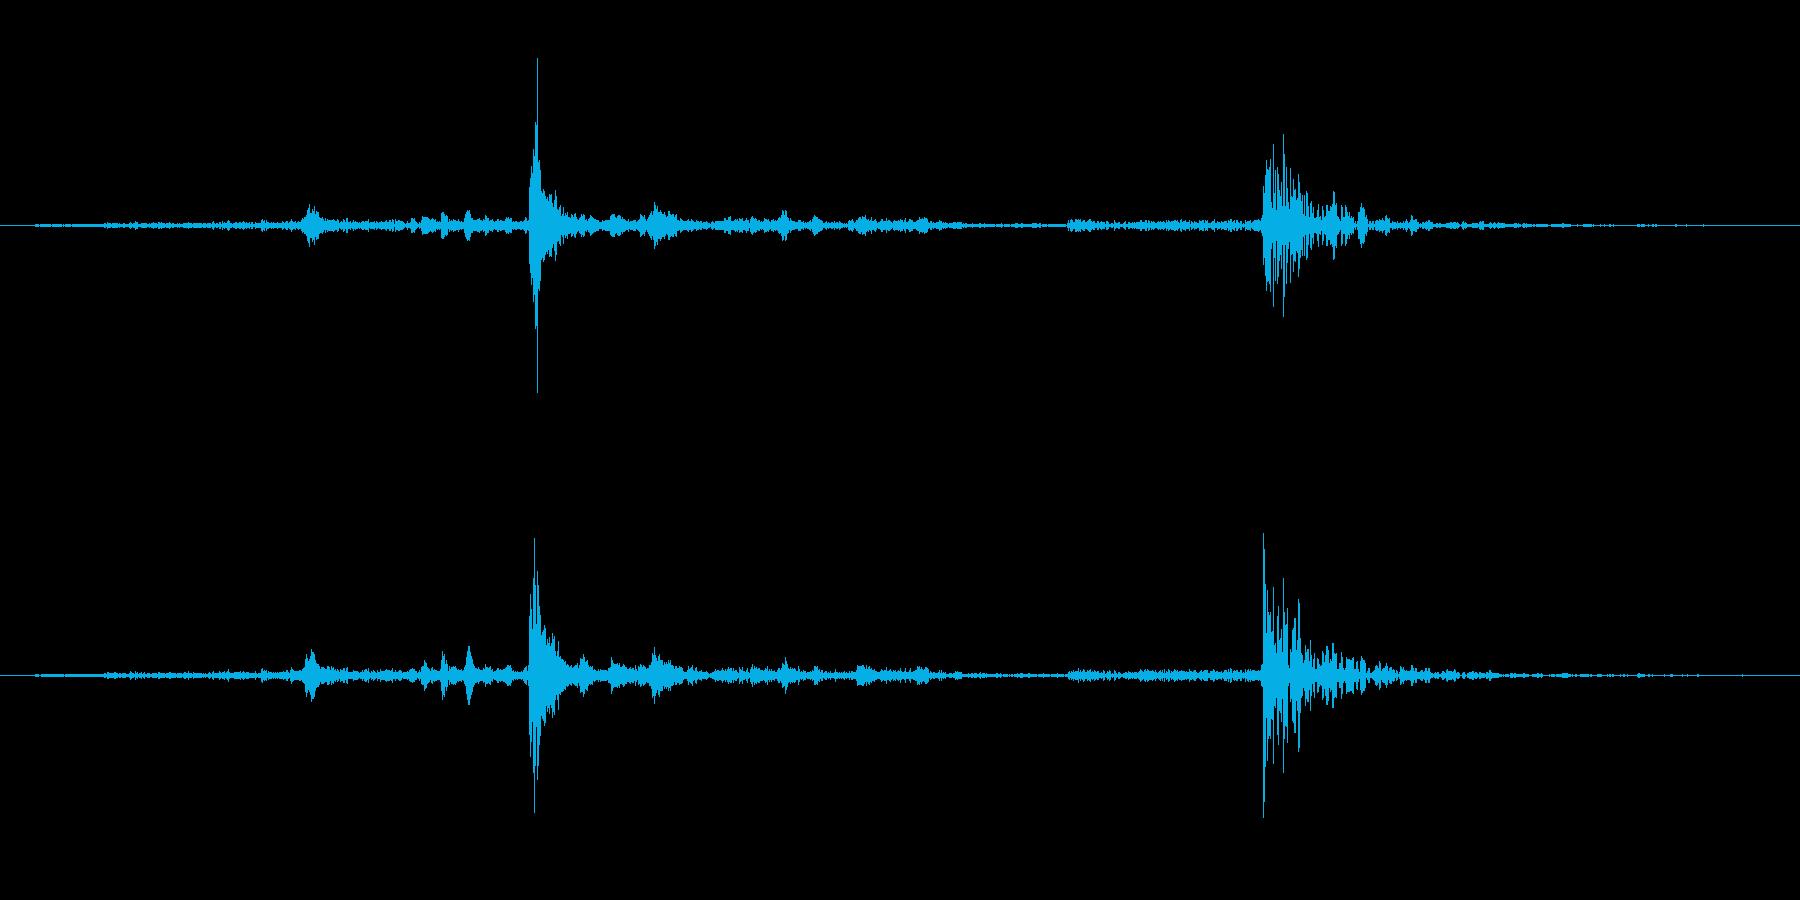 引き戸を端から端までゆっくり閉める音で…の再生済みの波形